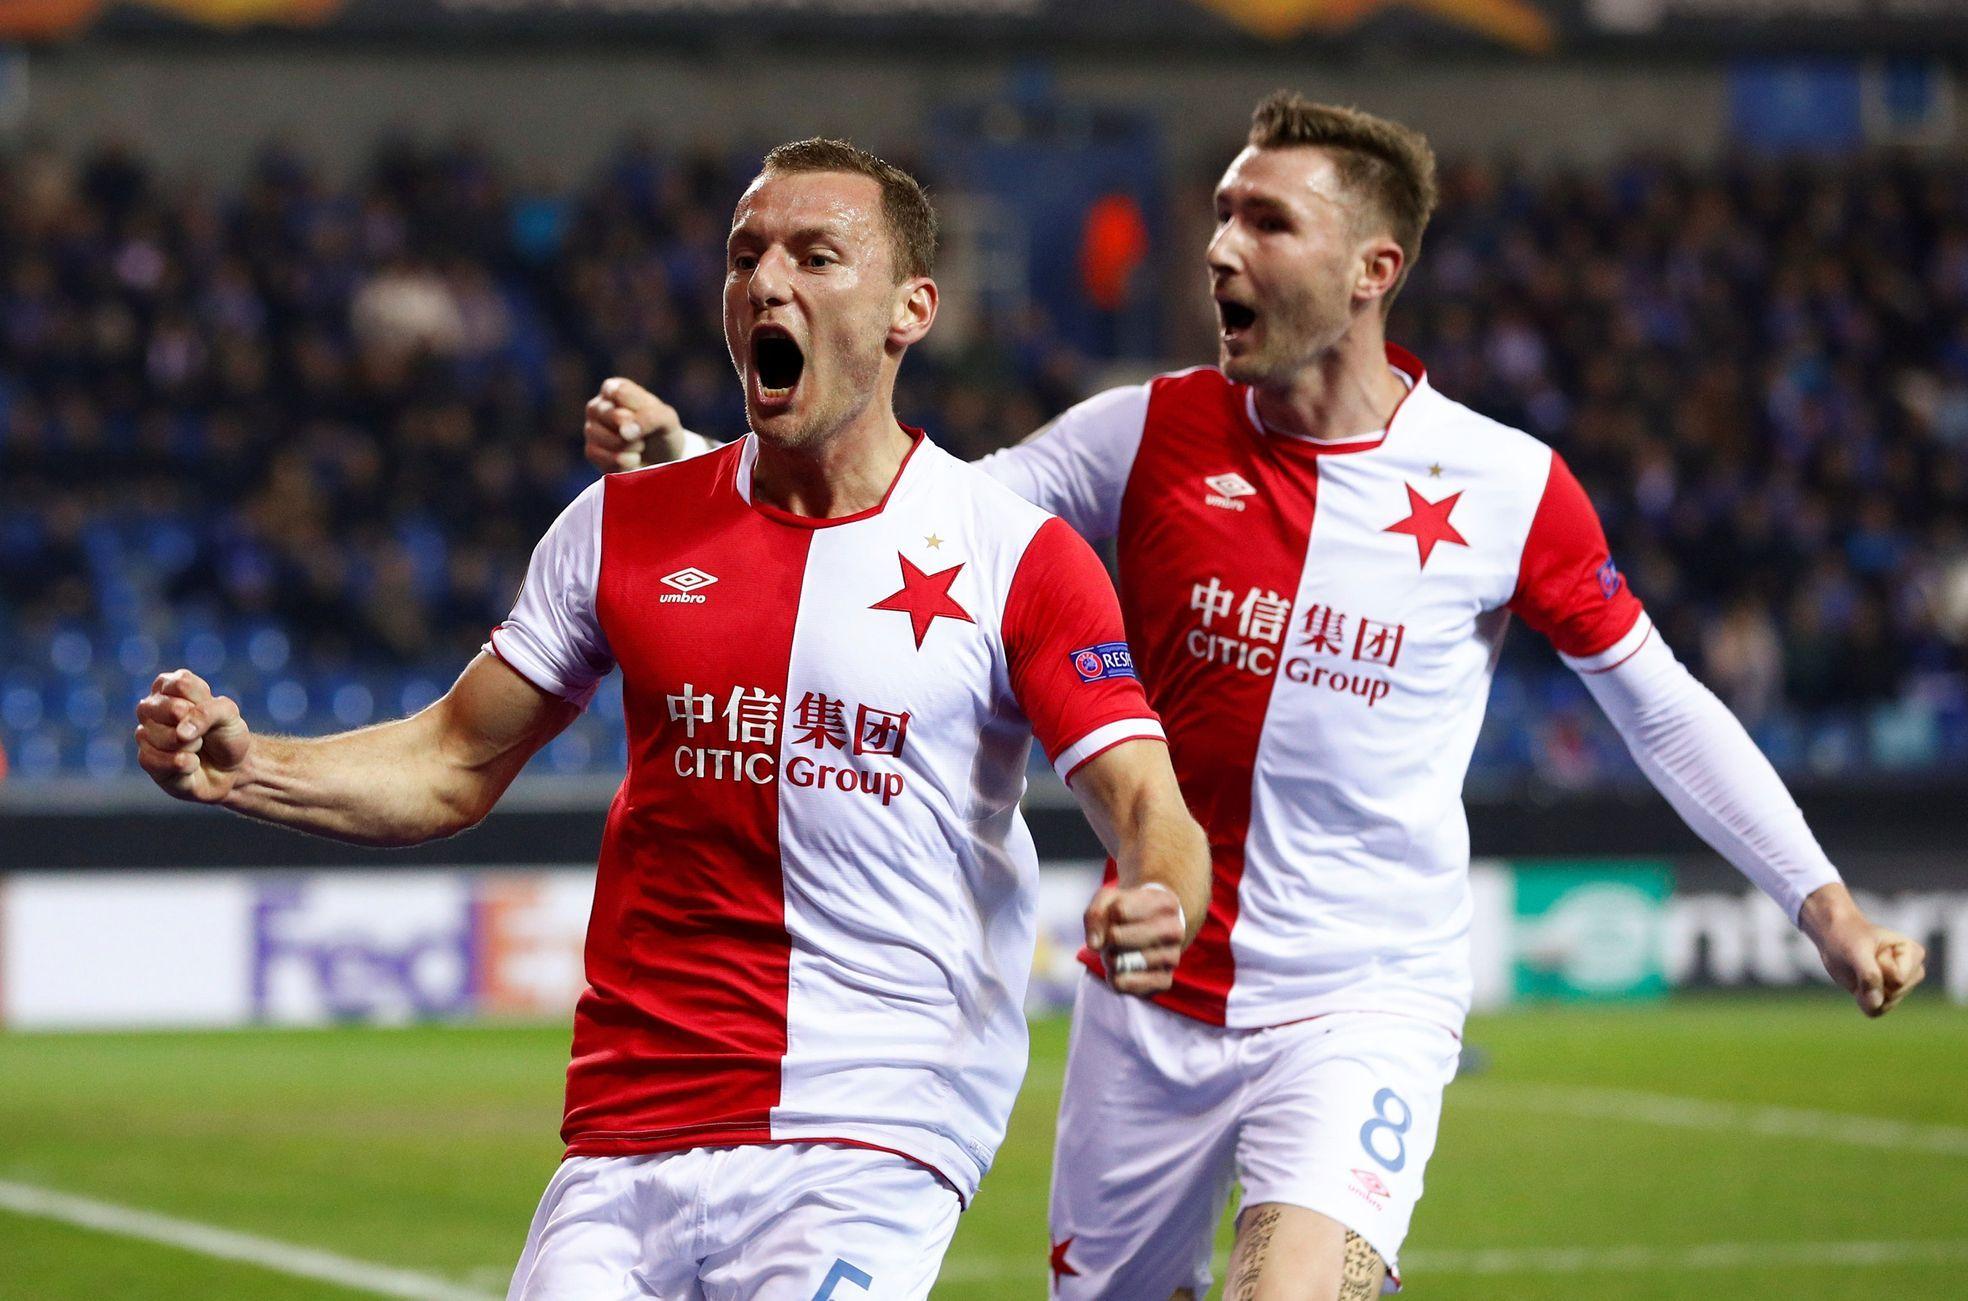 Los Evropské Ligy 2019: Slavia V Osmifinále Evropské Ligy Vyzve Sevillu S Tomášem